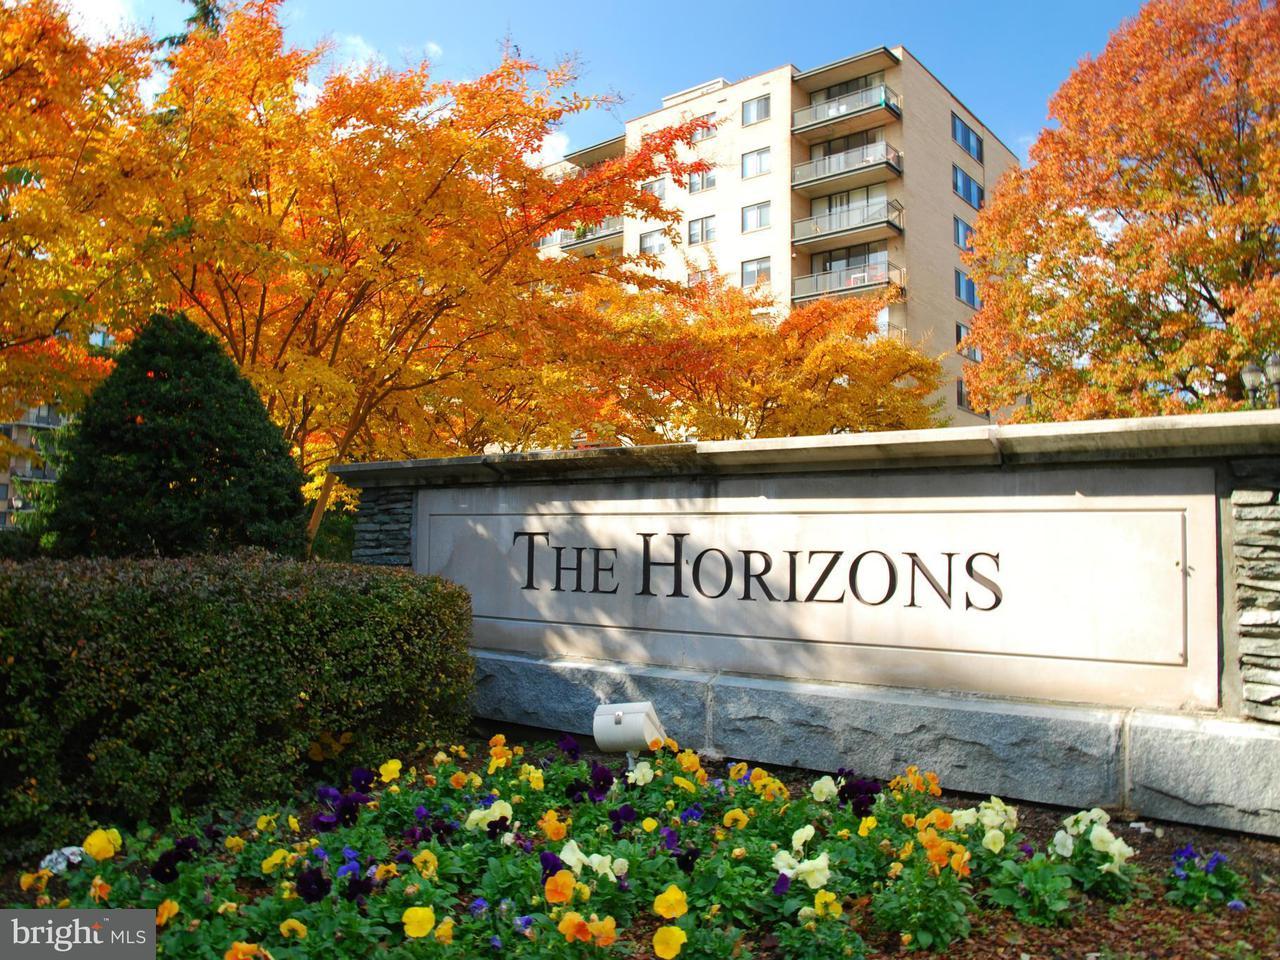 Condominium for Rent at 4320 Old Dominion Dr #002/1 Arlington, Virginia 22207 United States